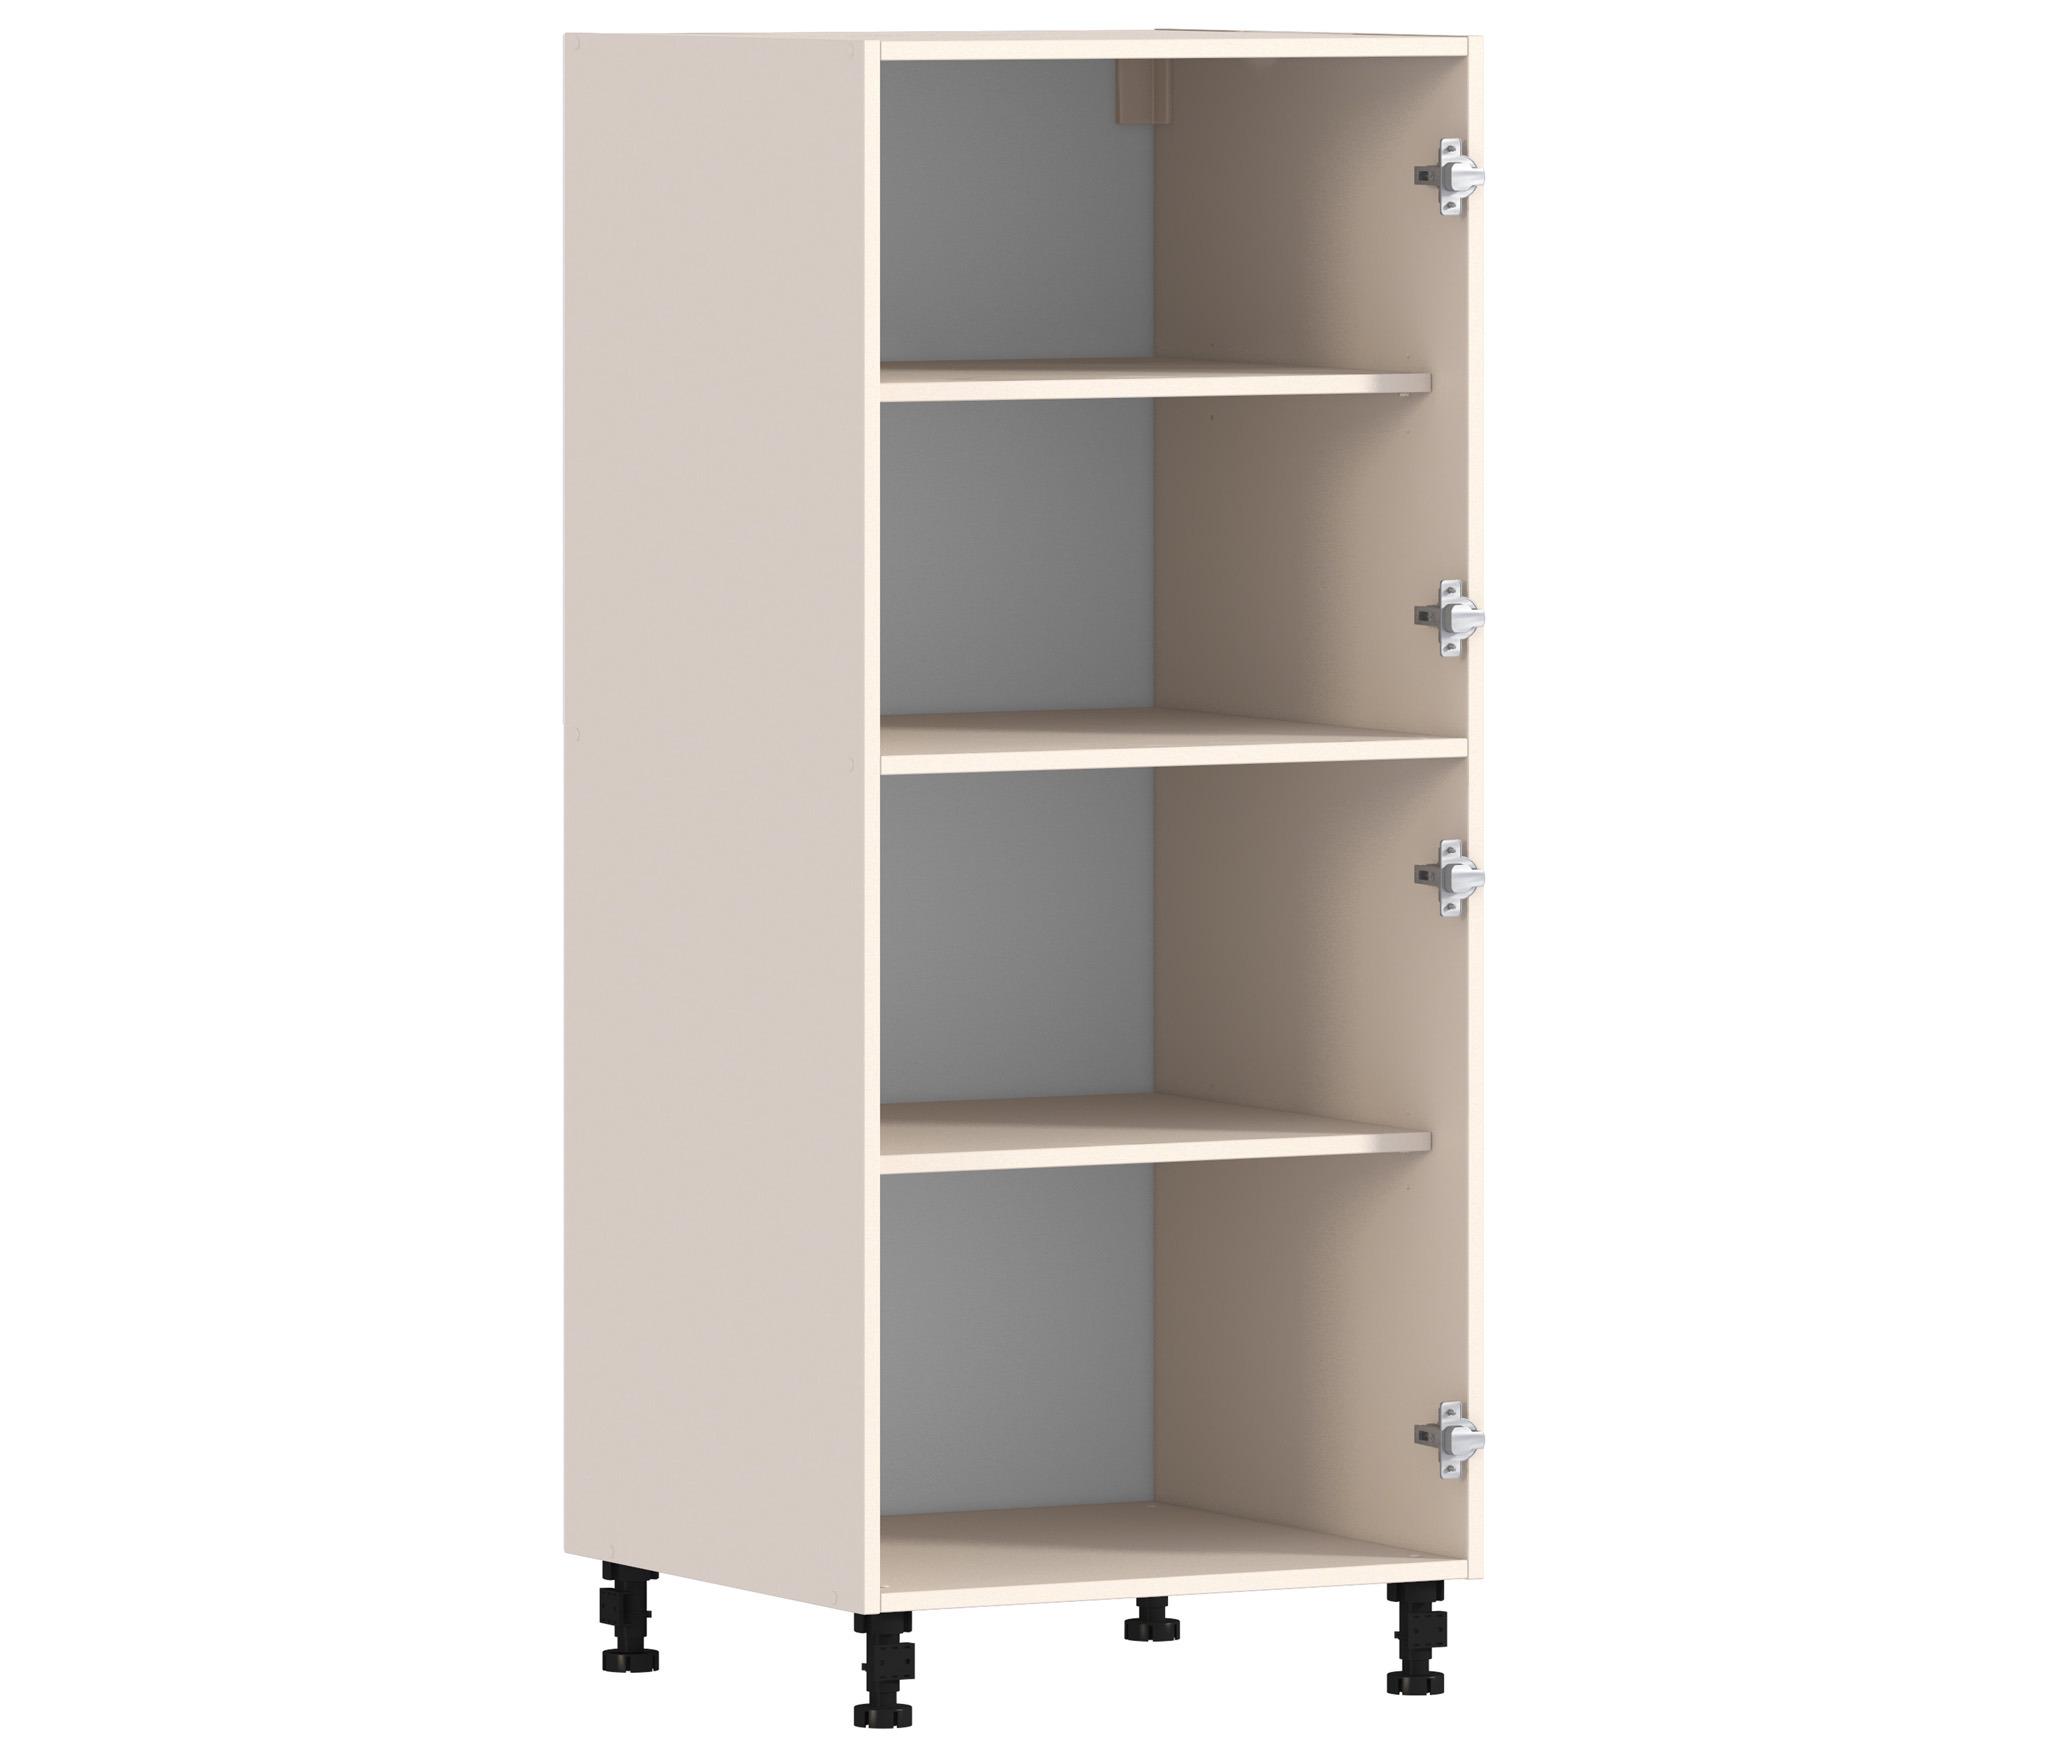 Регина РП-460 ПеналМебель для кухни<br>Компактный одностворчатый шкаф для кухни с двумя отделениями.<br><br>Длина мм: 600<br>Высота мм: 1418<br>Глубина мм: 563